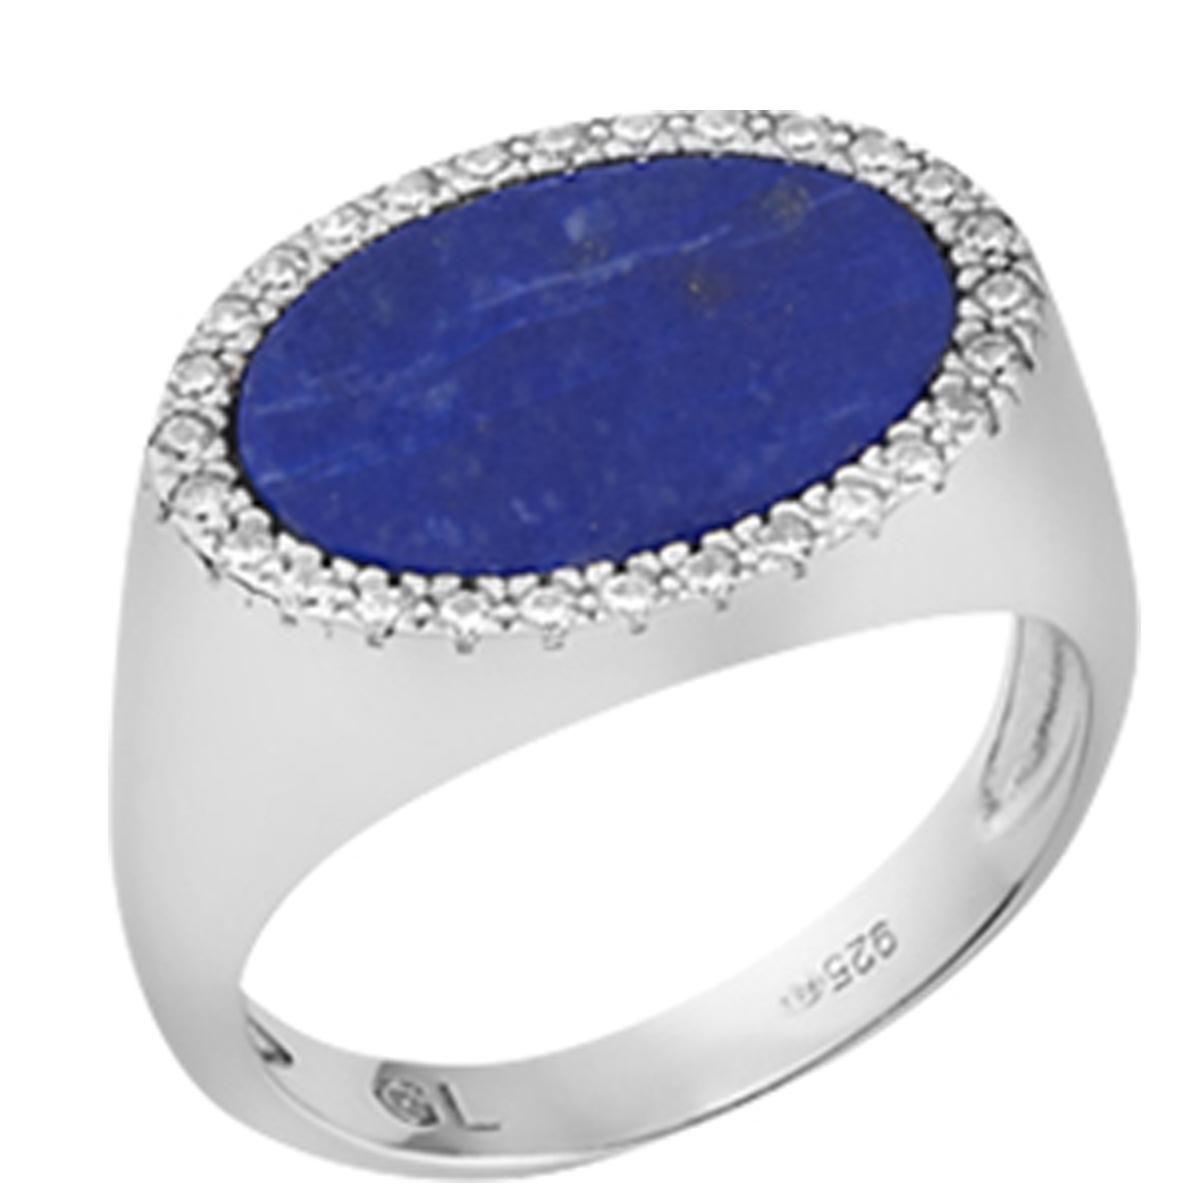 Bague argent \'Sissi\' bleu lapis lazuli blanc argenté (rhodié) - 18x13 mm - [Q7925]